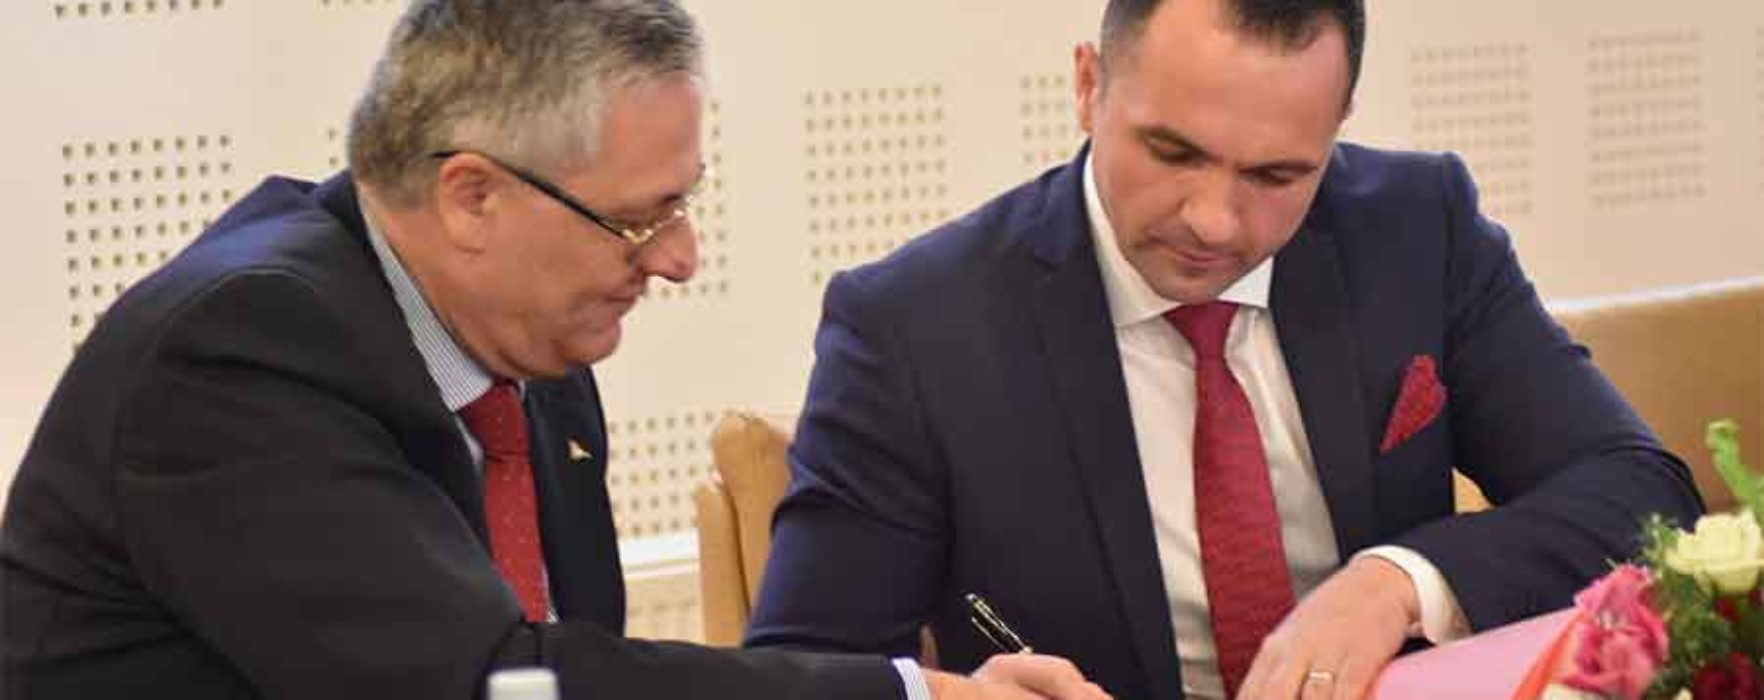 Târgovişte: Finanţare europeana de peste 7 milioane de lei pentru un nou parc